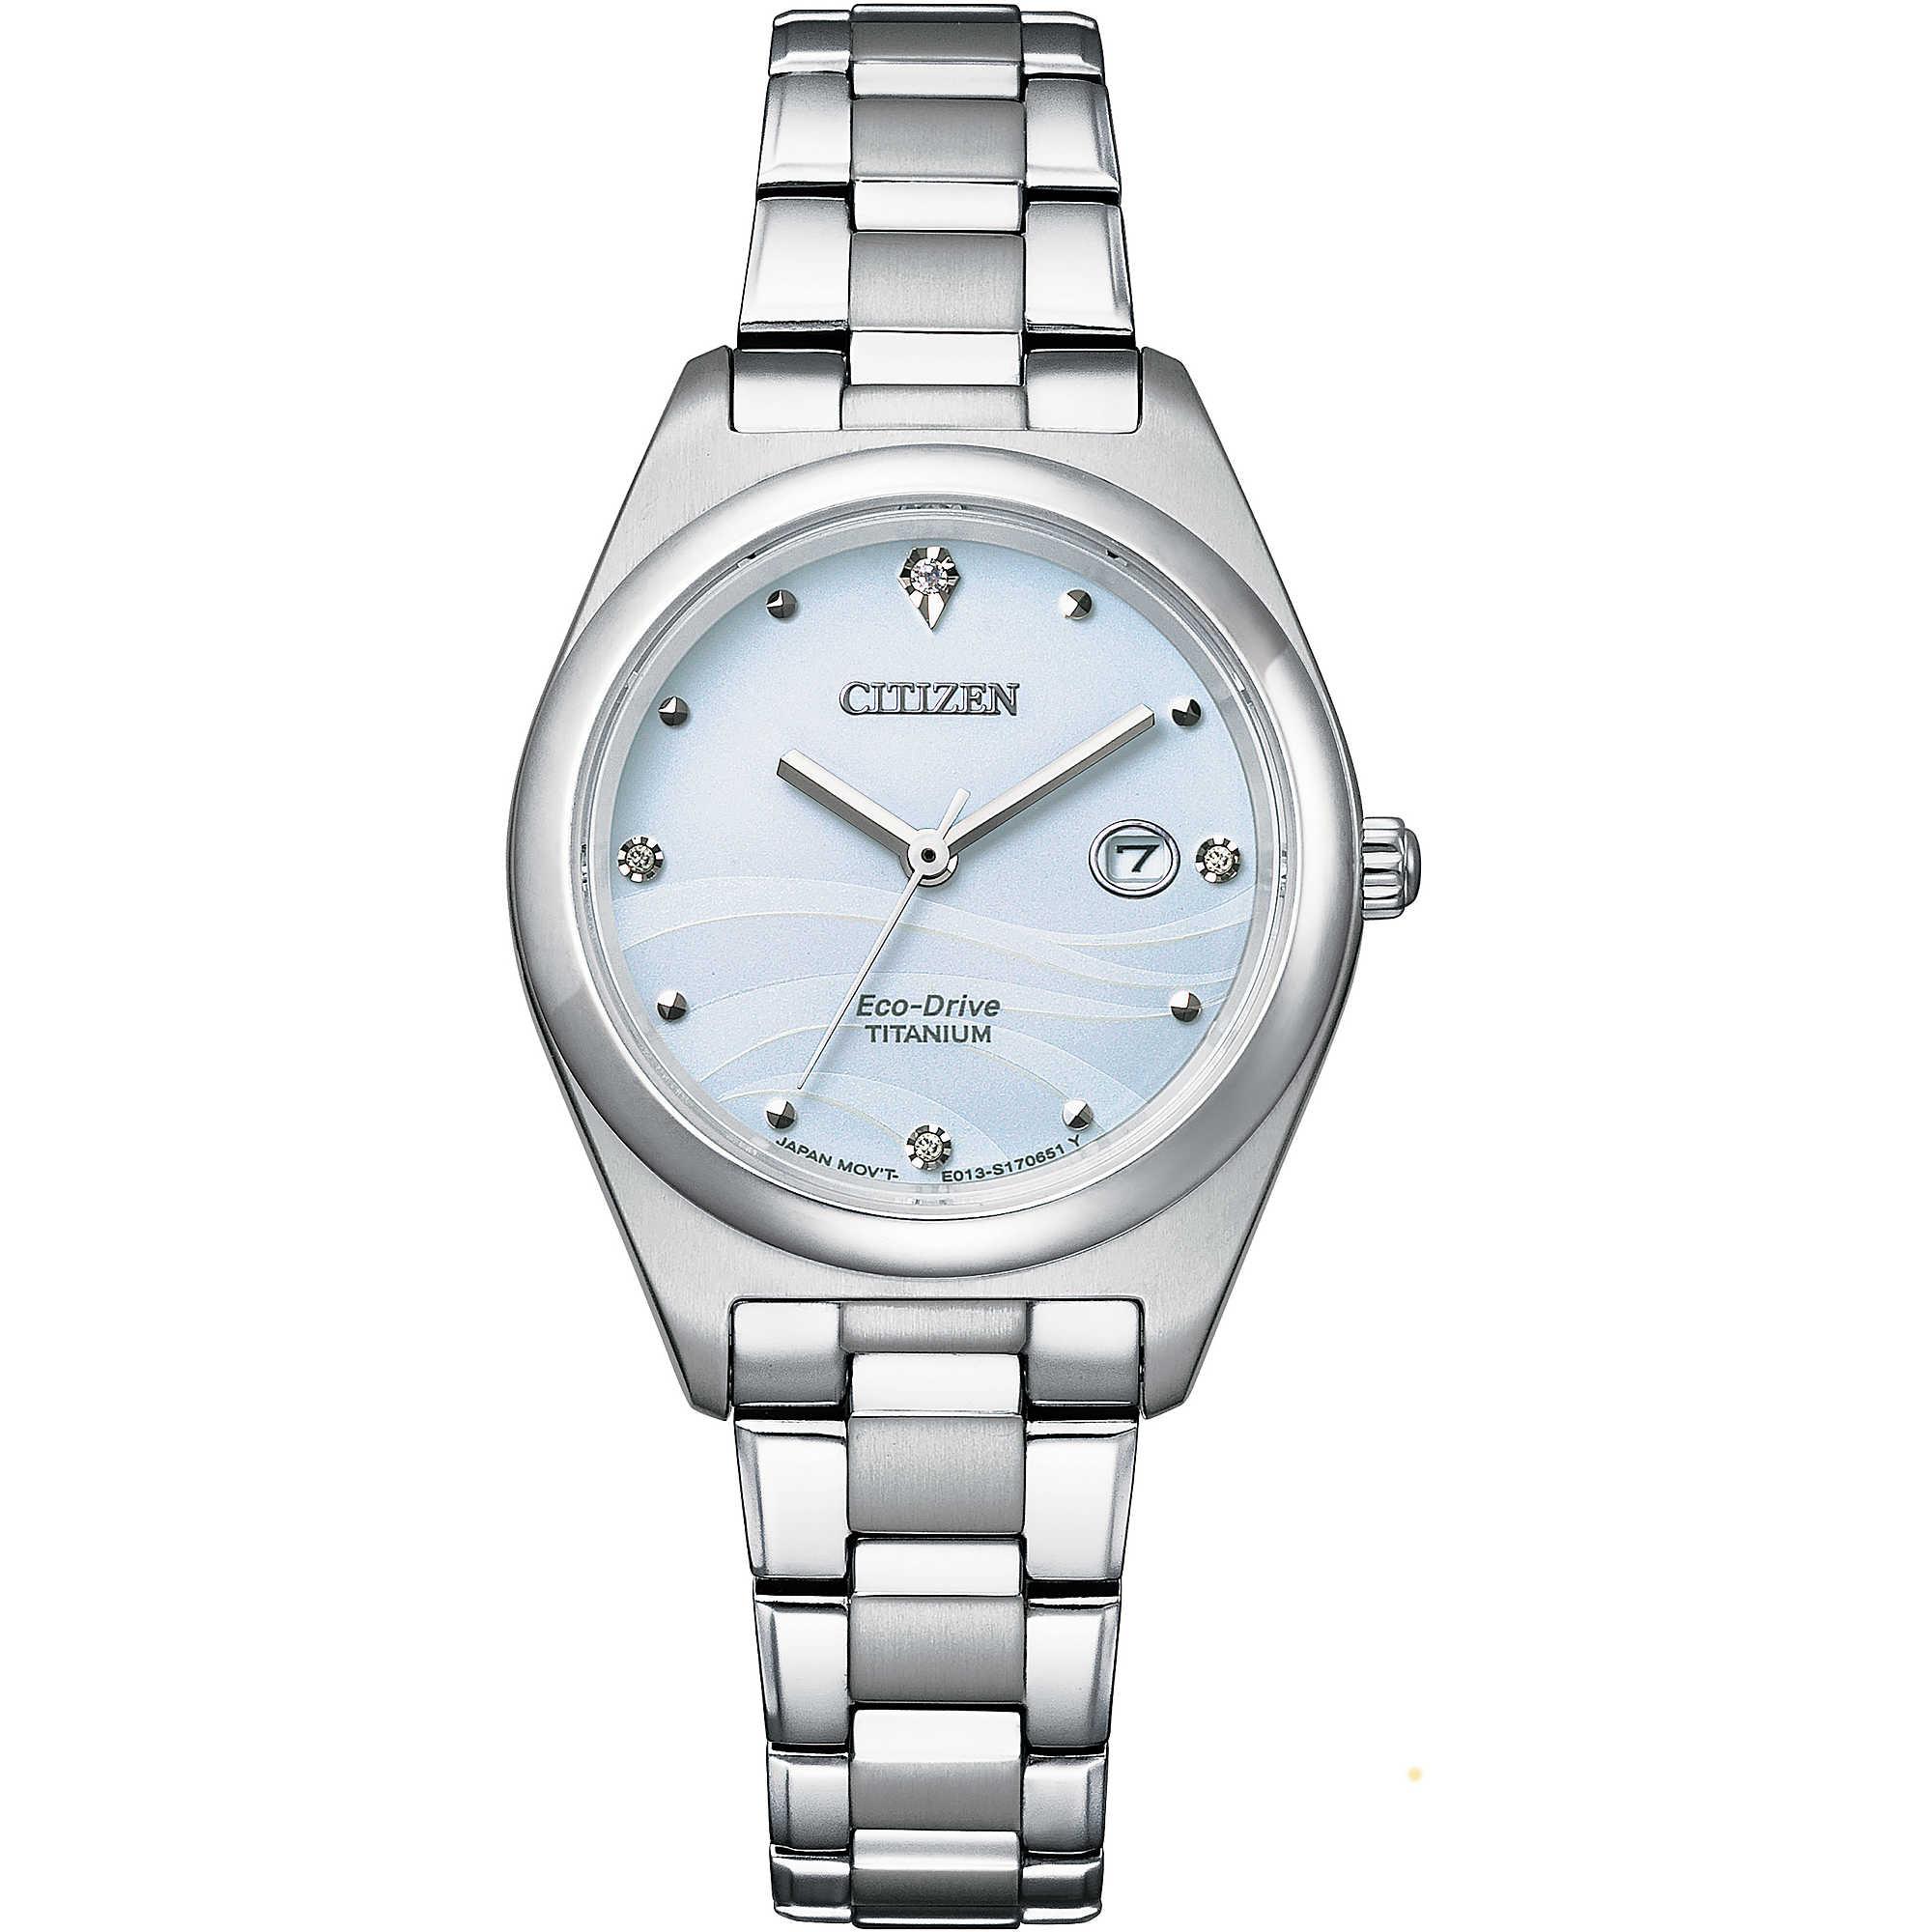 Citizen orologio solo tempo donna Citizen Lady